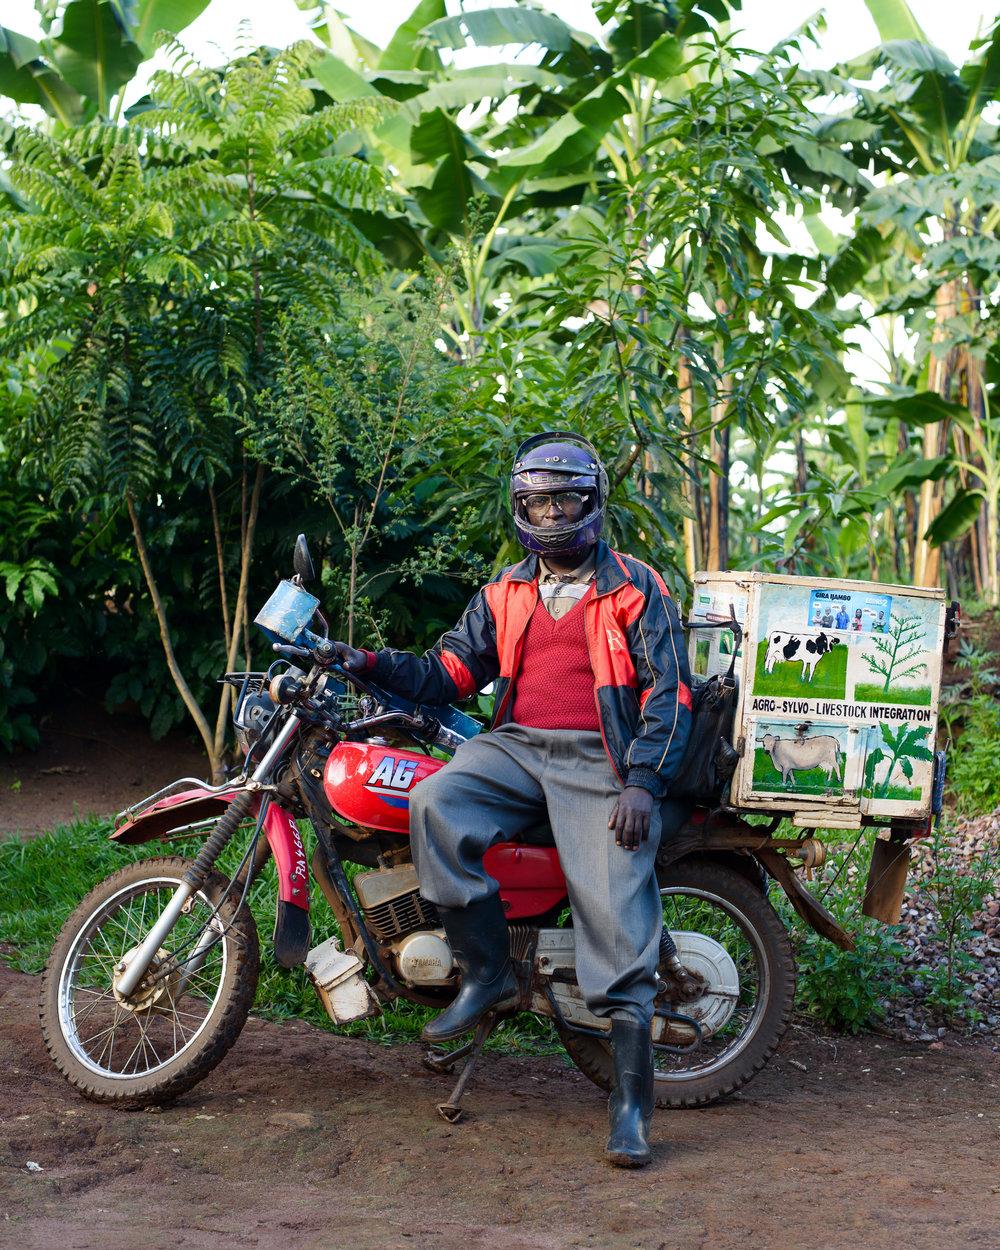 Fonerwa_Rwanda-4-22-14-0383.jpg